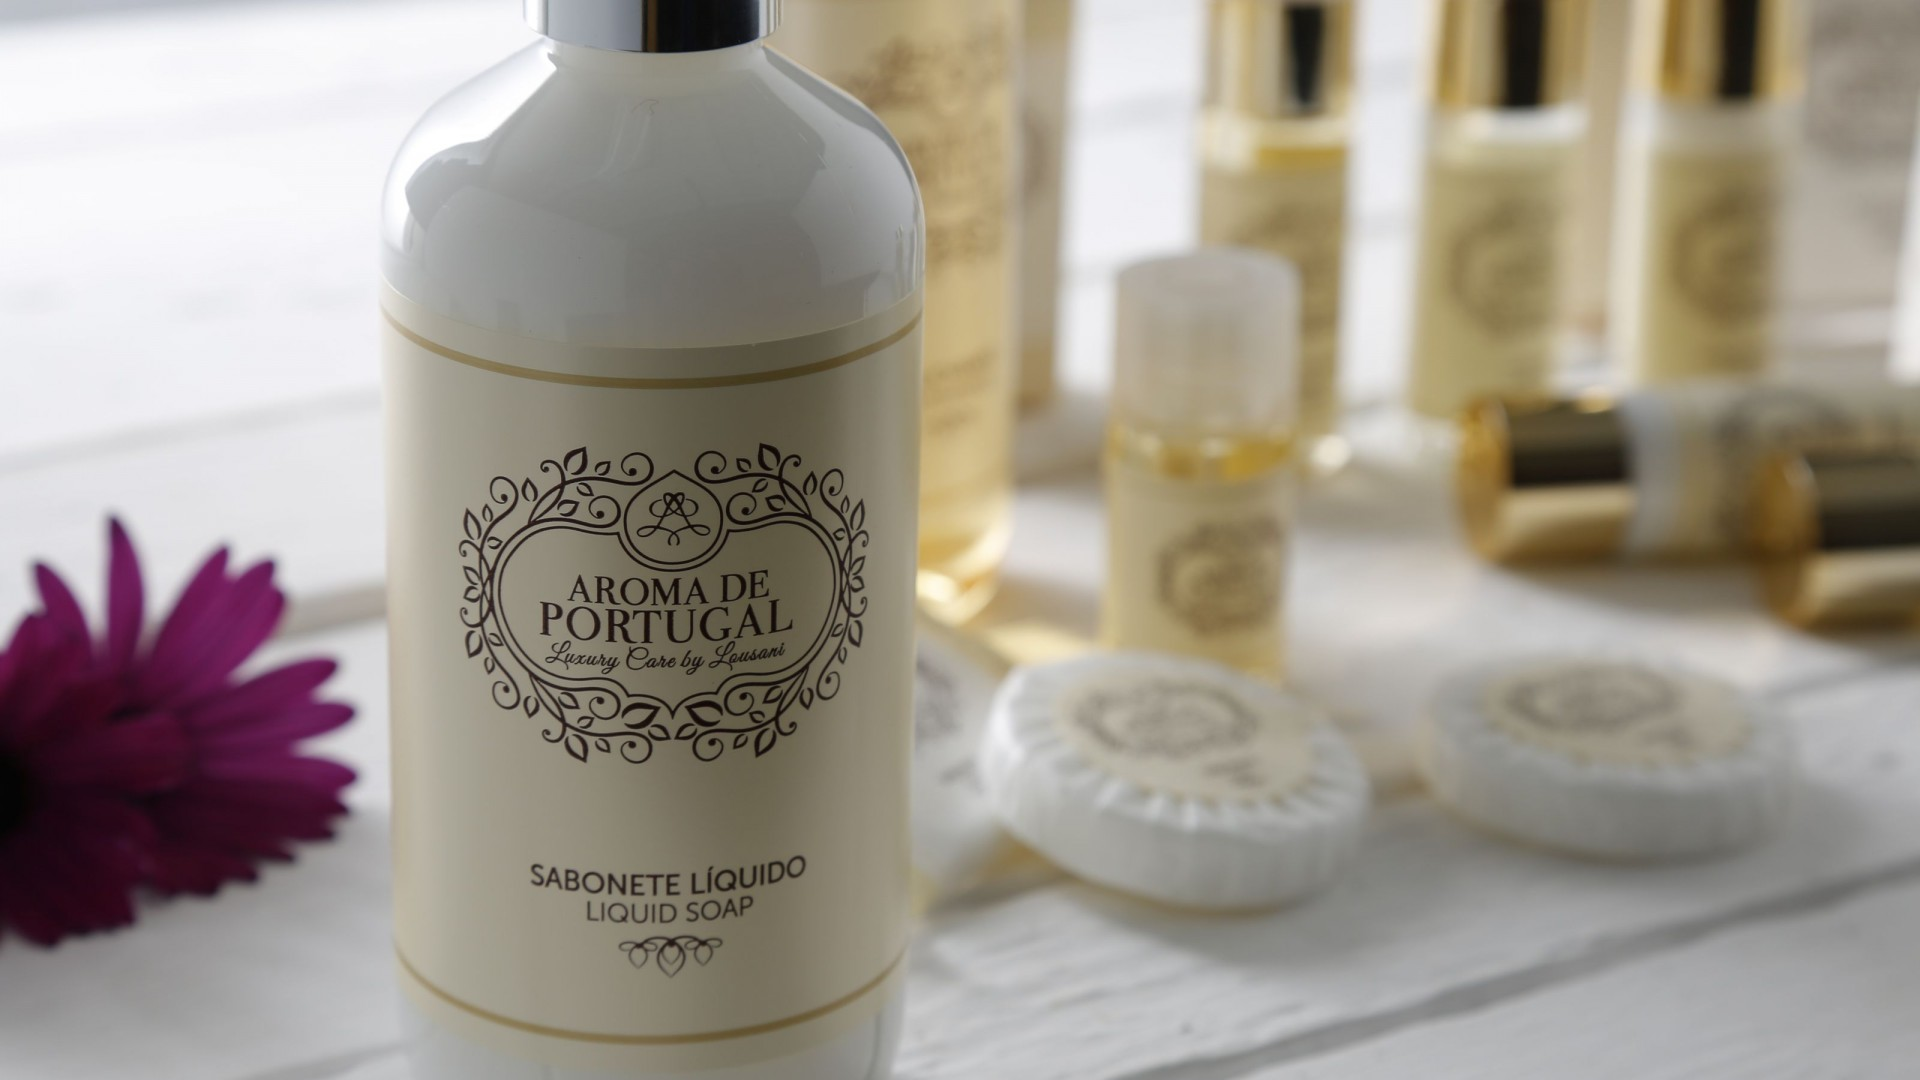 Sabonete Líquido - AROMA DE PORTUGAL